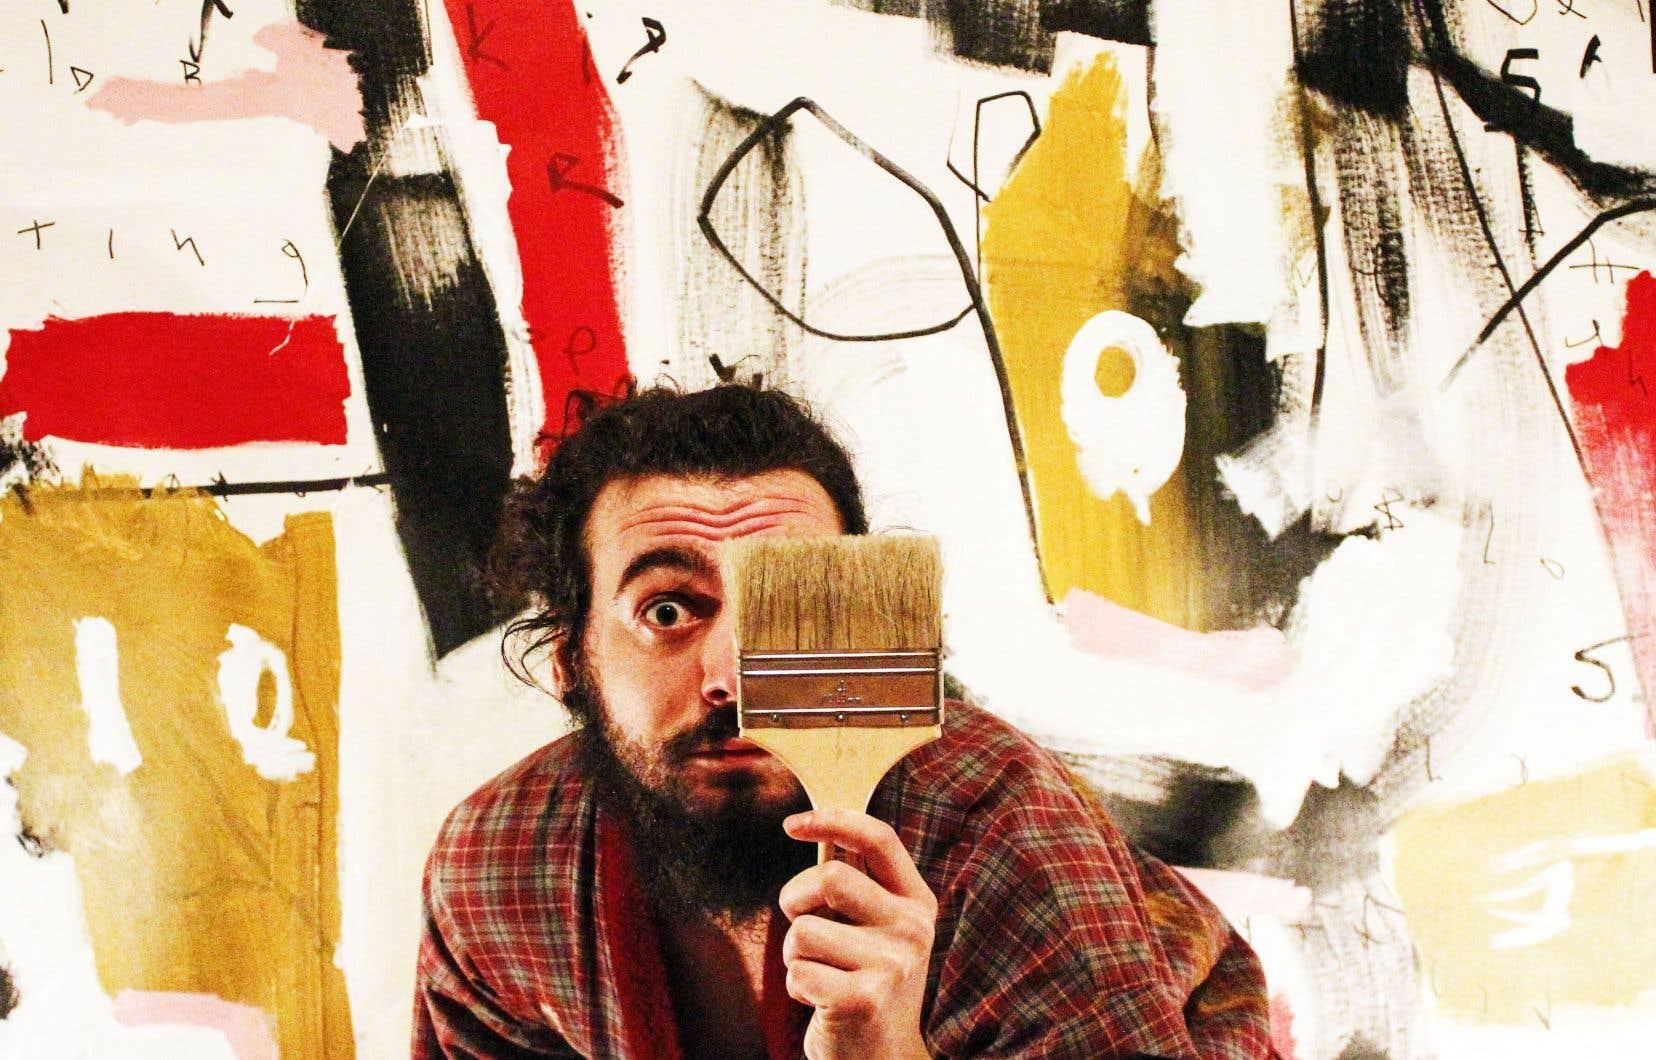 L'idée d'encan en ligne a plu aux organisateurs, qui l'ont reprise pour l'exposition de Mephisto Bates, peintre expressionniste, qui se déroulera au café Le Dîner.